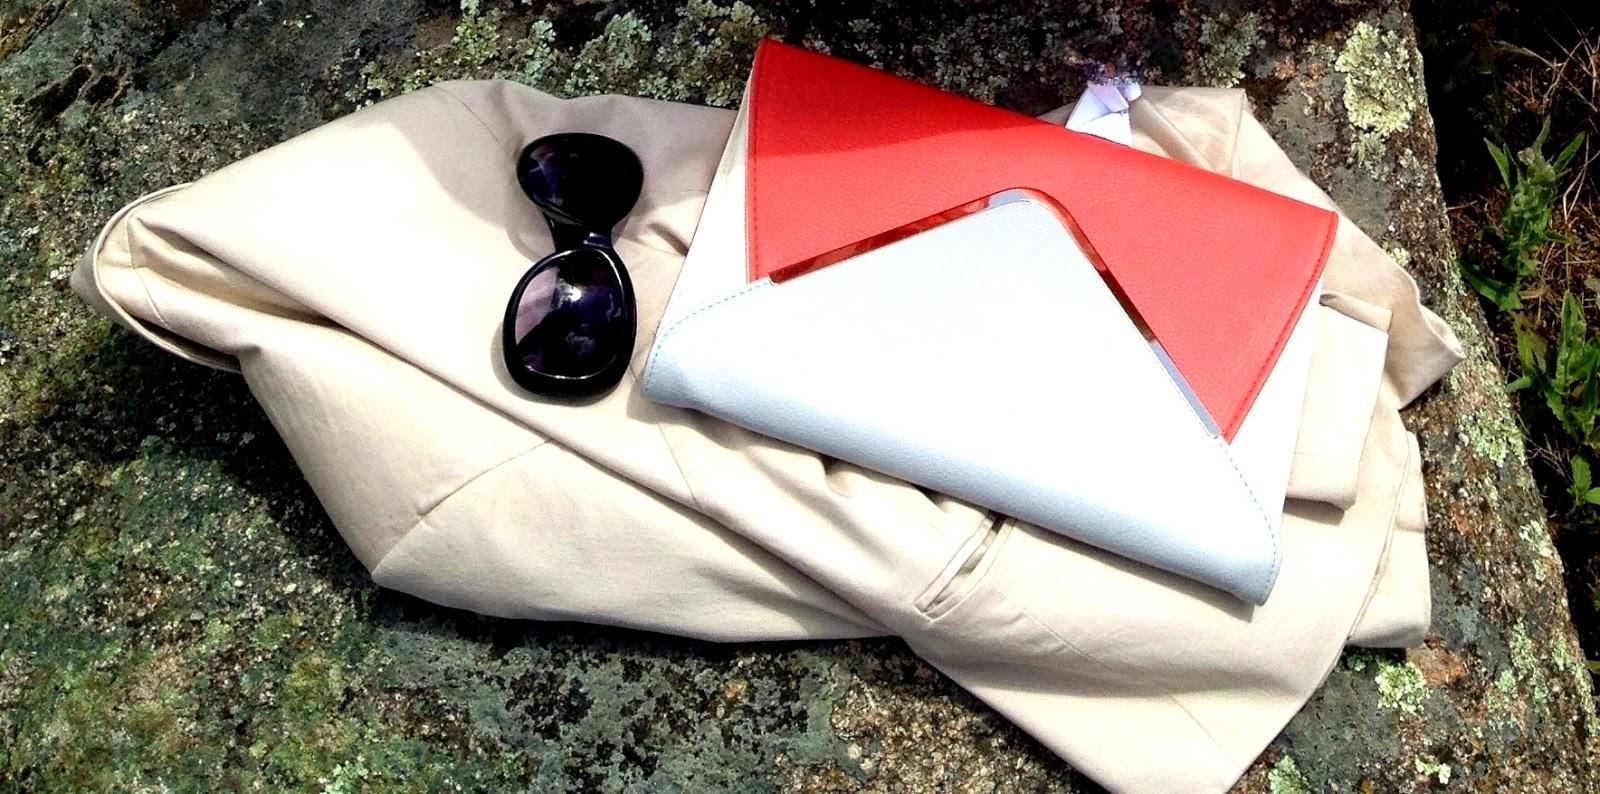 detalle+gafas,+bolso,+chaqueta+y+estilis